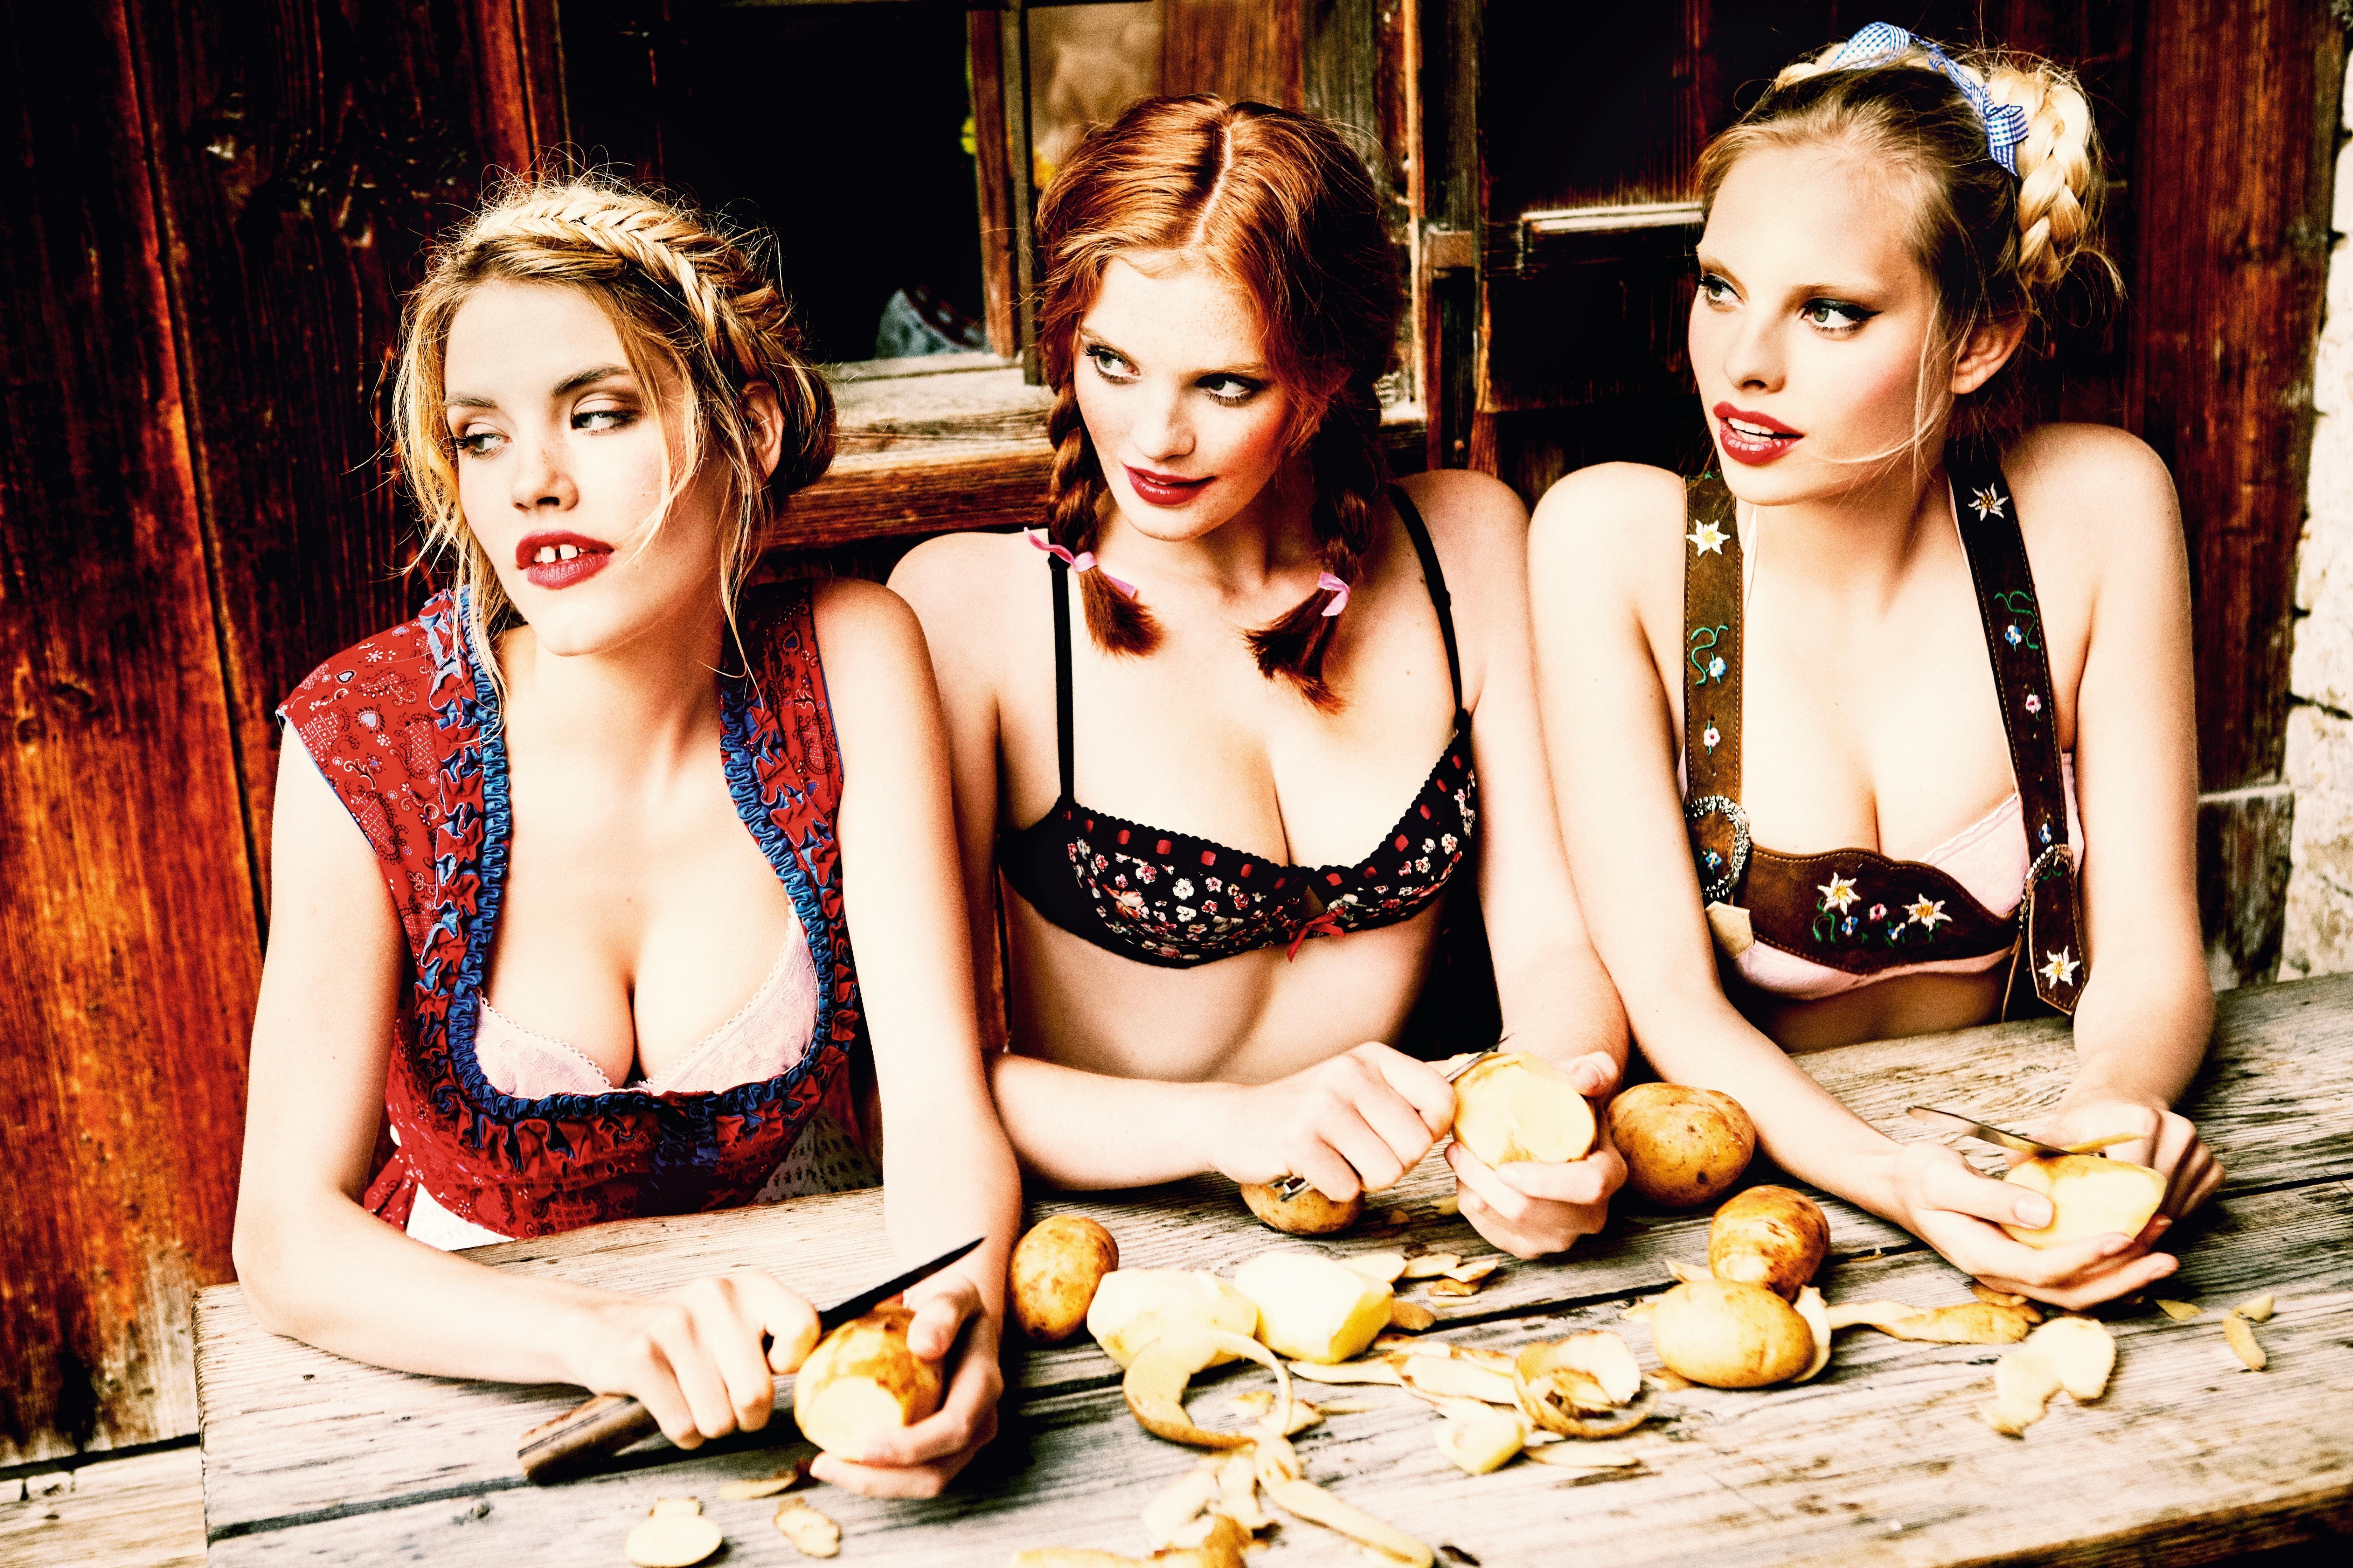 «The Cooks» er en av flere hundre bilder av bayerske skjønnheter foreviget av fotografen at Ellen von Unwerth.